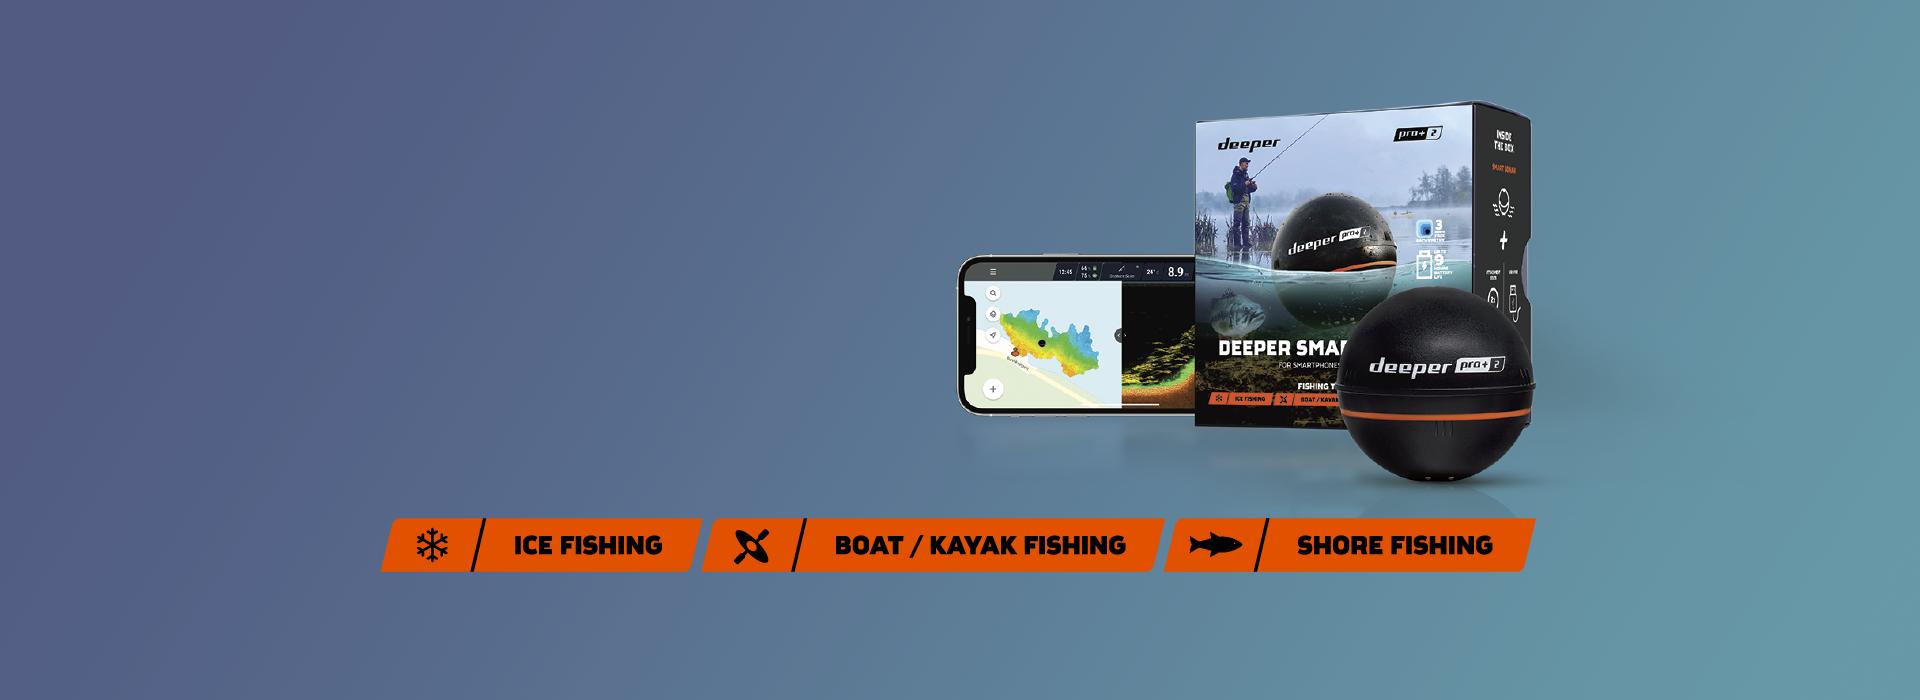 新しいDeeper PRO+ 2! 世界中の釣り人に愛されています.今まで以上に改良され、より良くなりました.